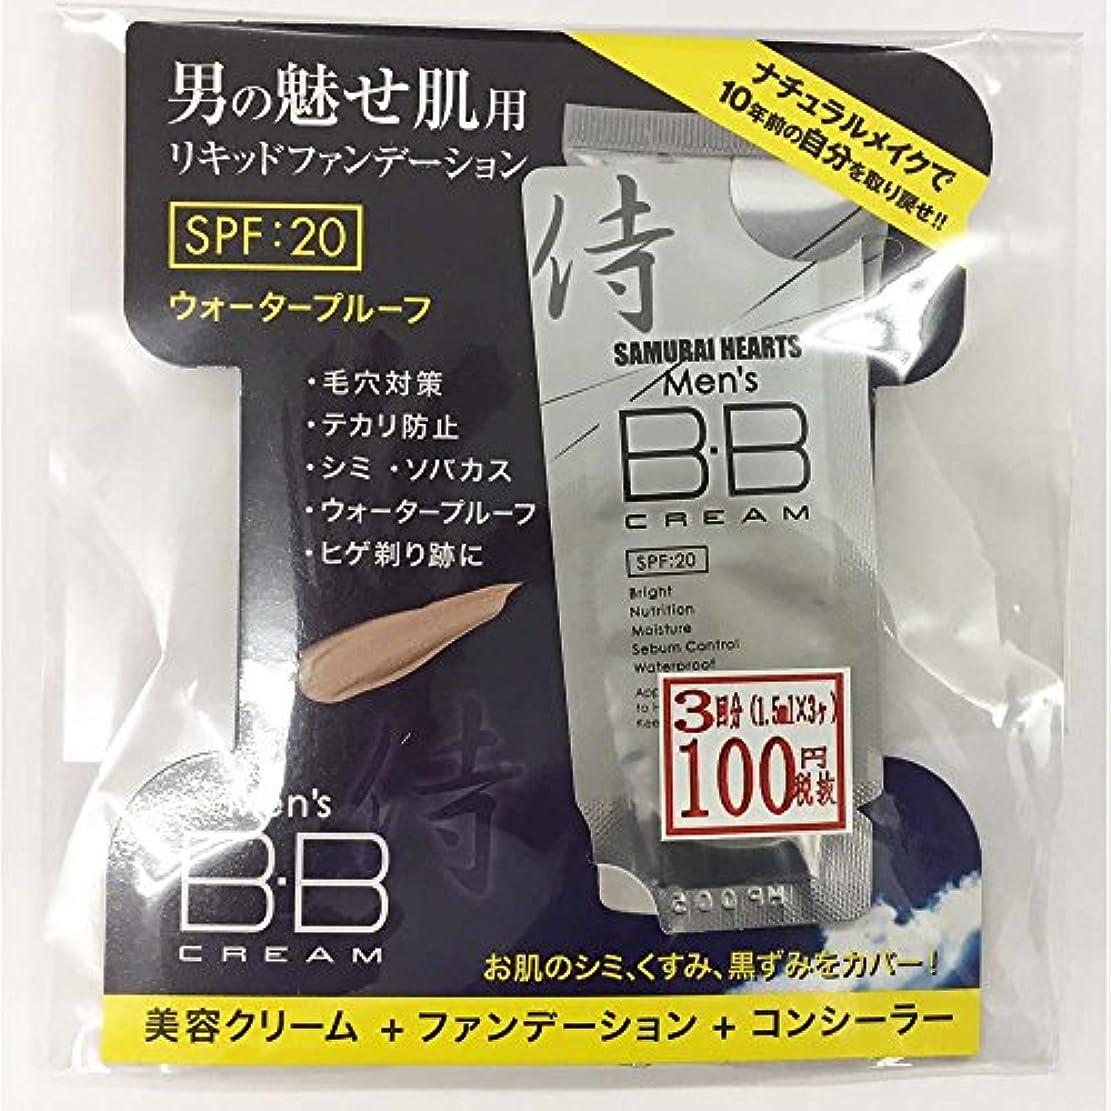 投げる値ドラゴンサムライハーツ BBクリーム SPF20 パウチ1.5ml 3枚入 お試し用